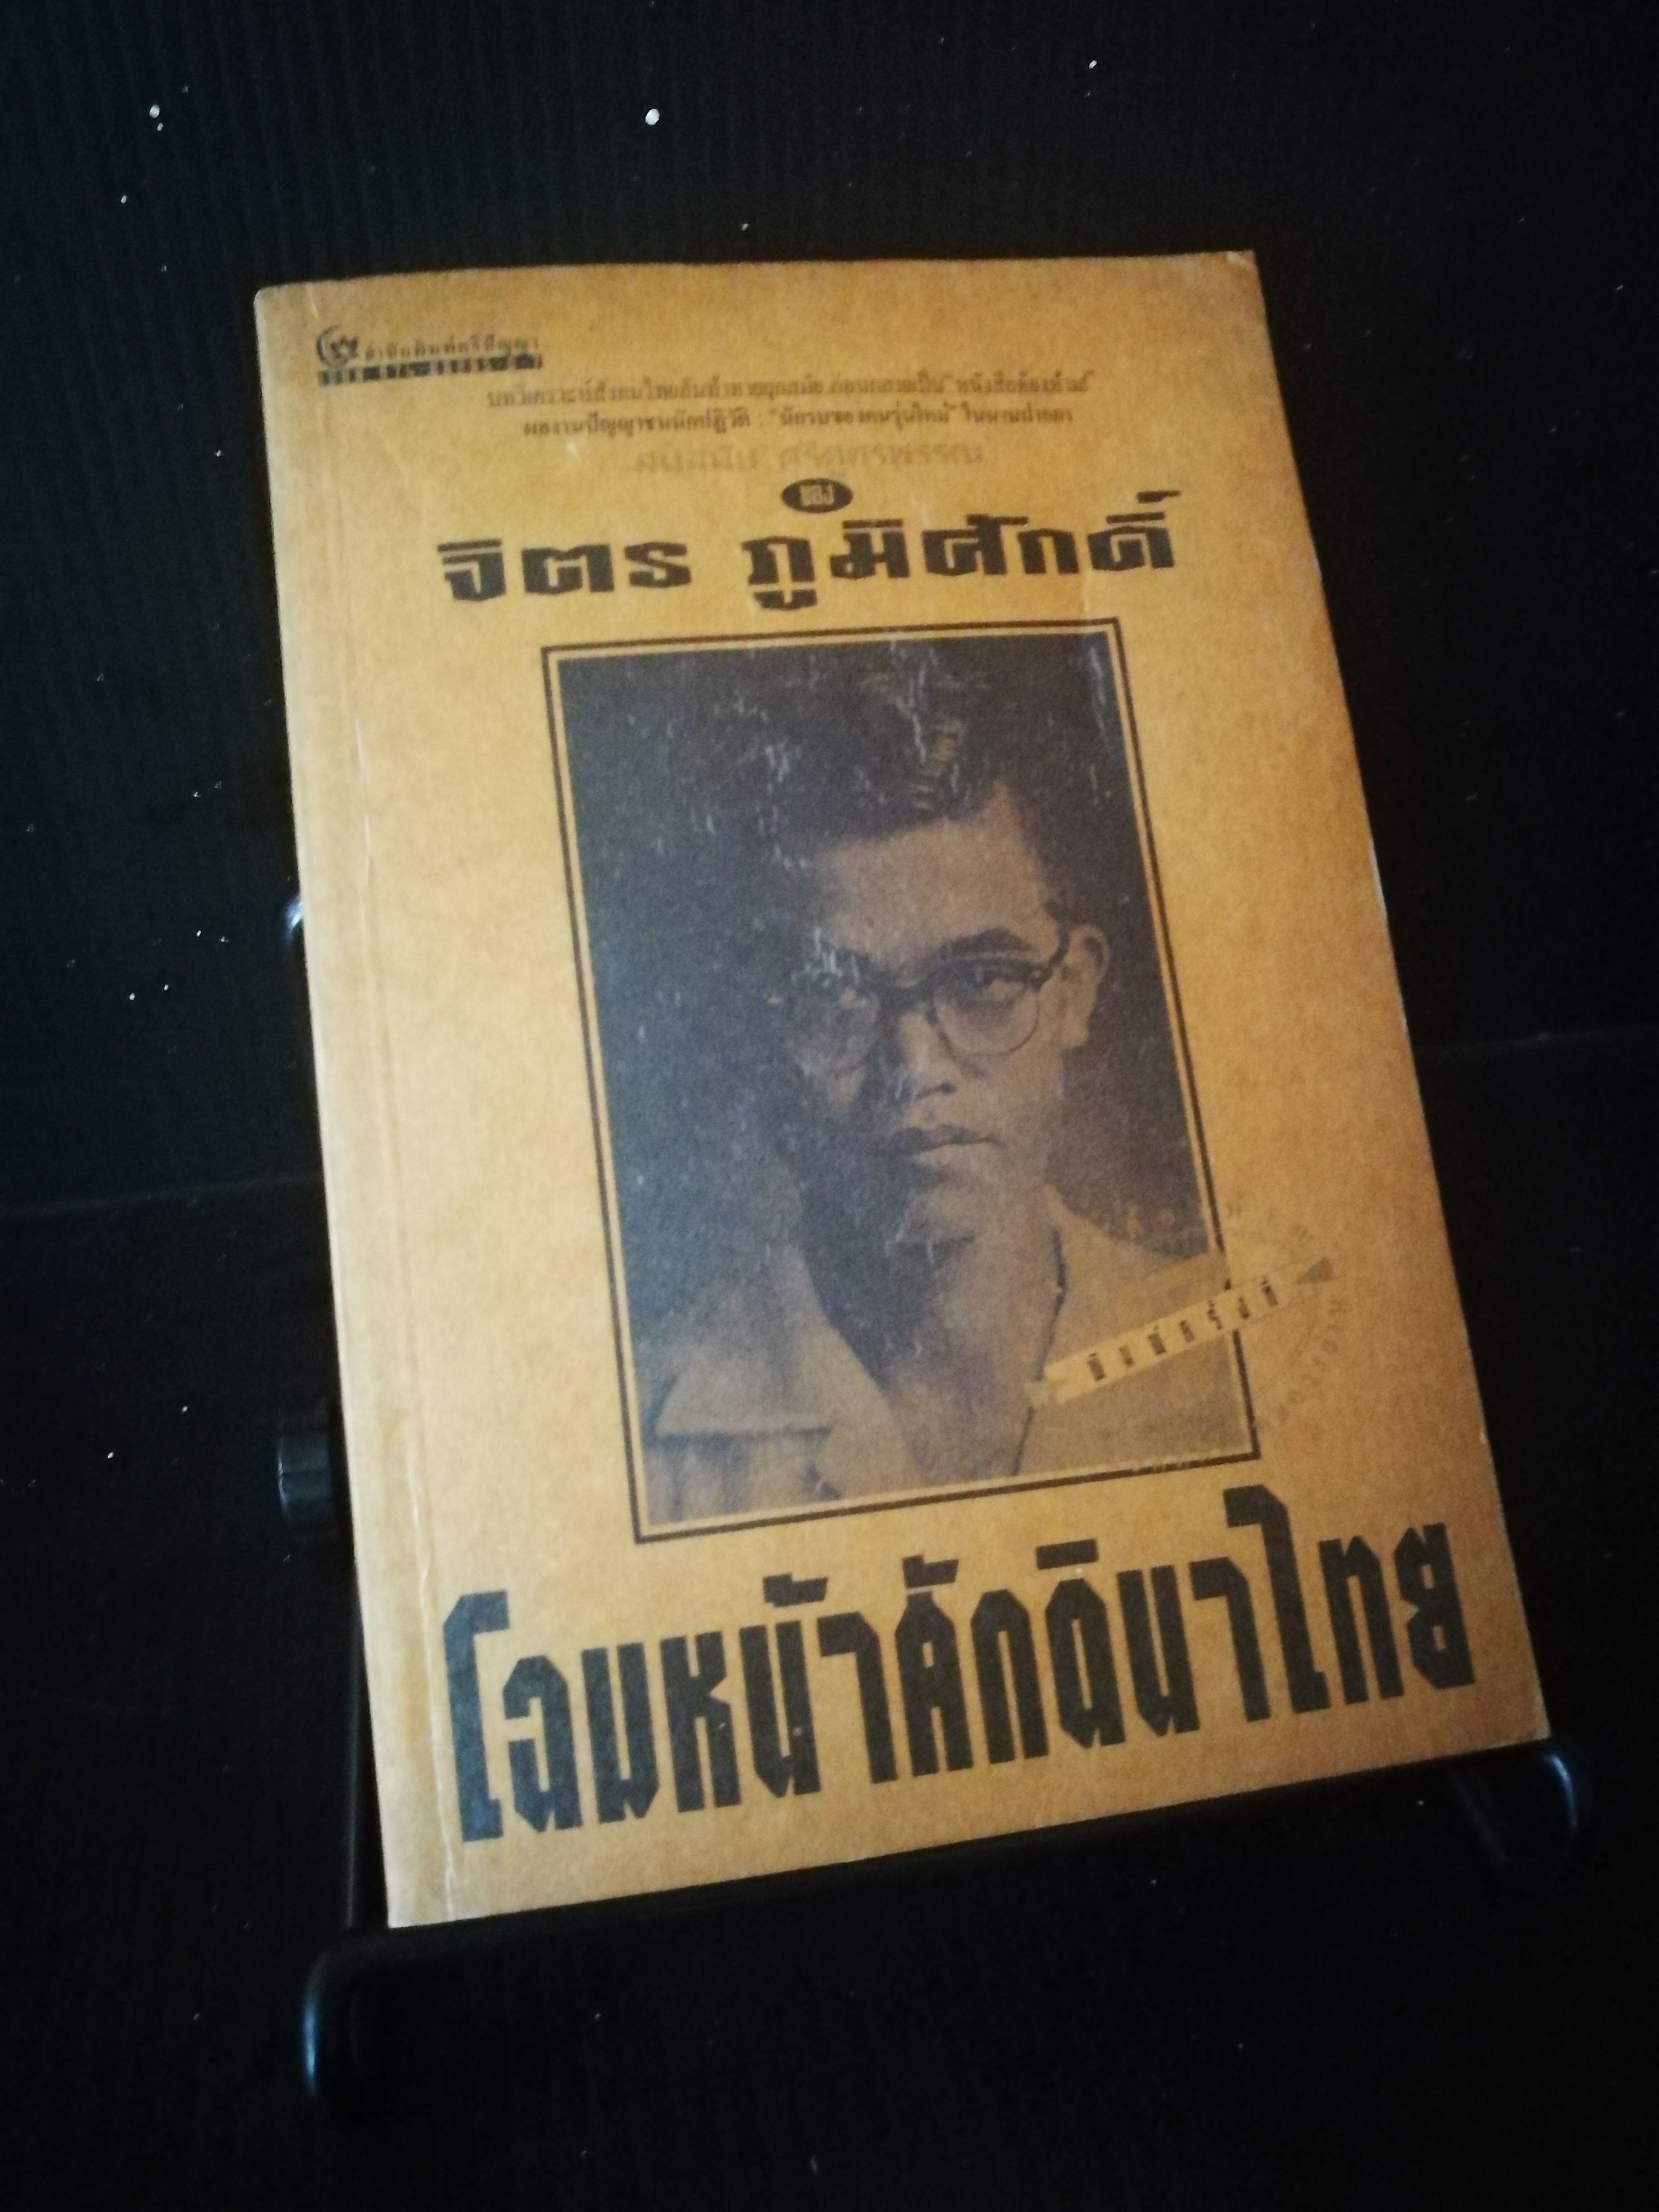 โฉมหน้าศักดินาไทย - จิตร ภูมิศักดิ์